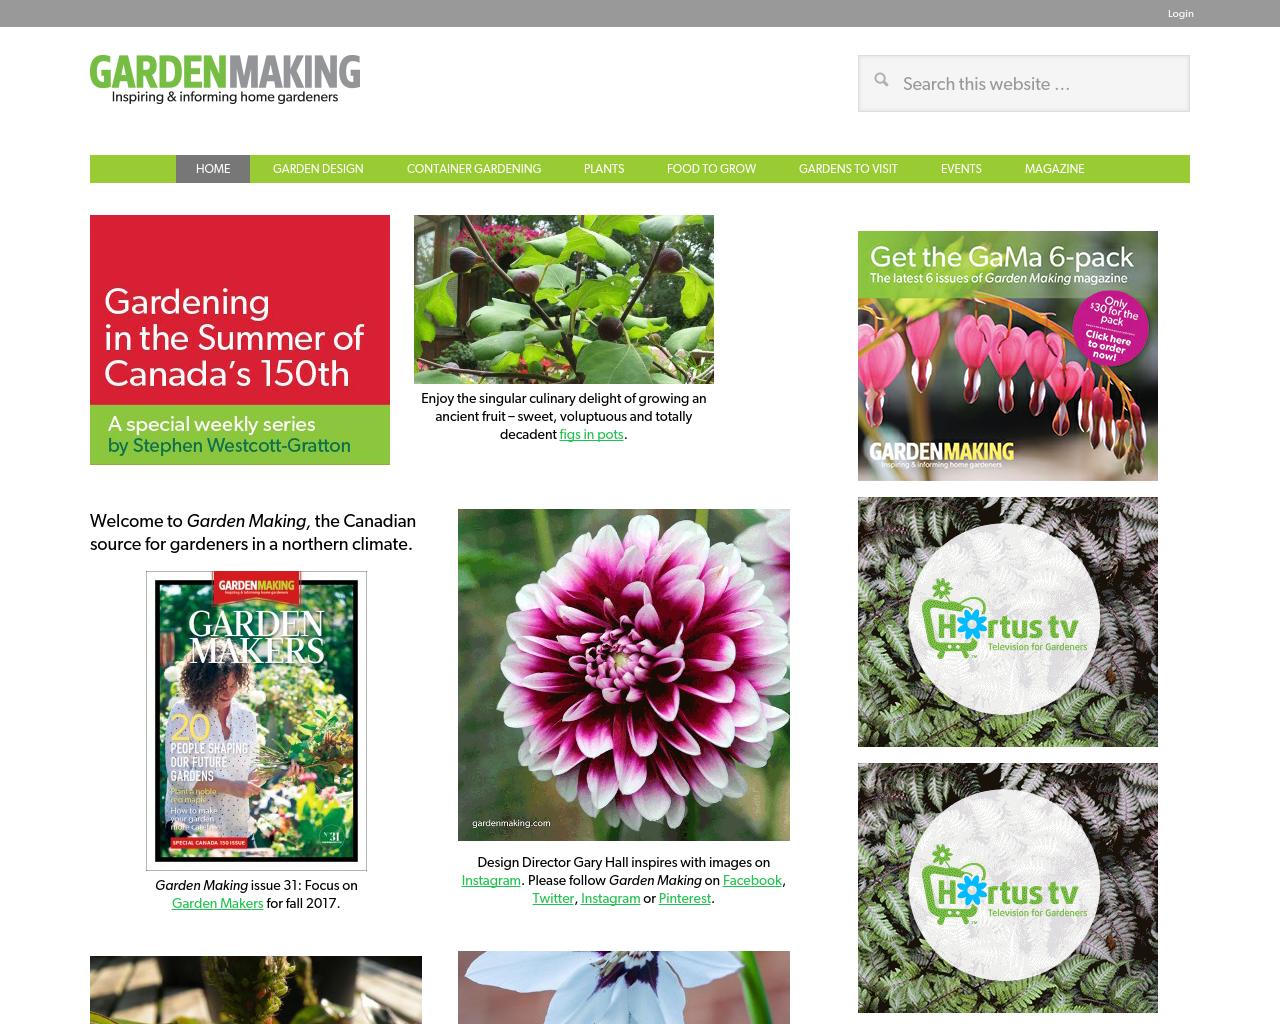 Gardenmaking-Advertising-Reviews-Pricing